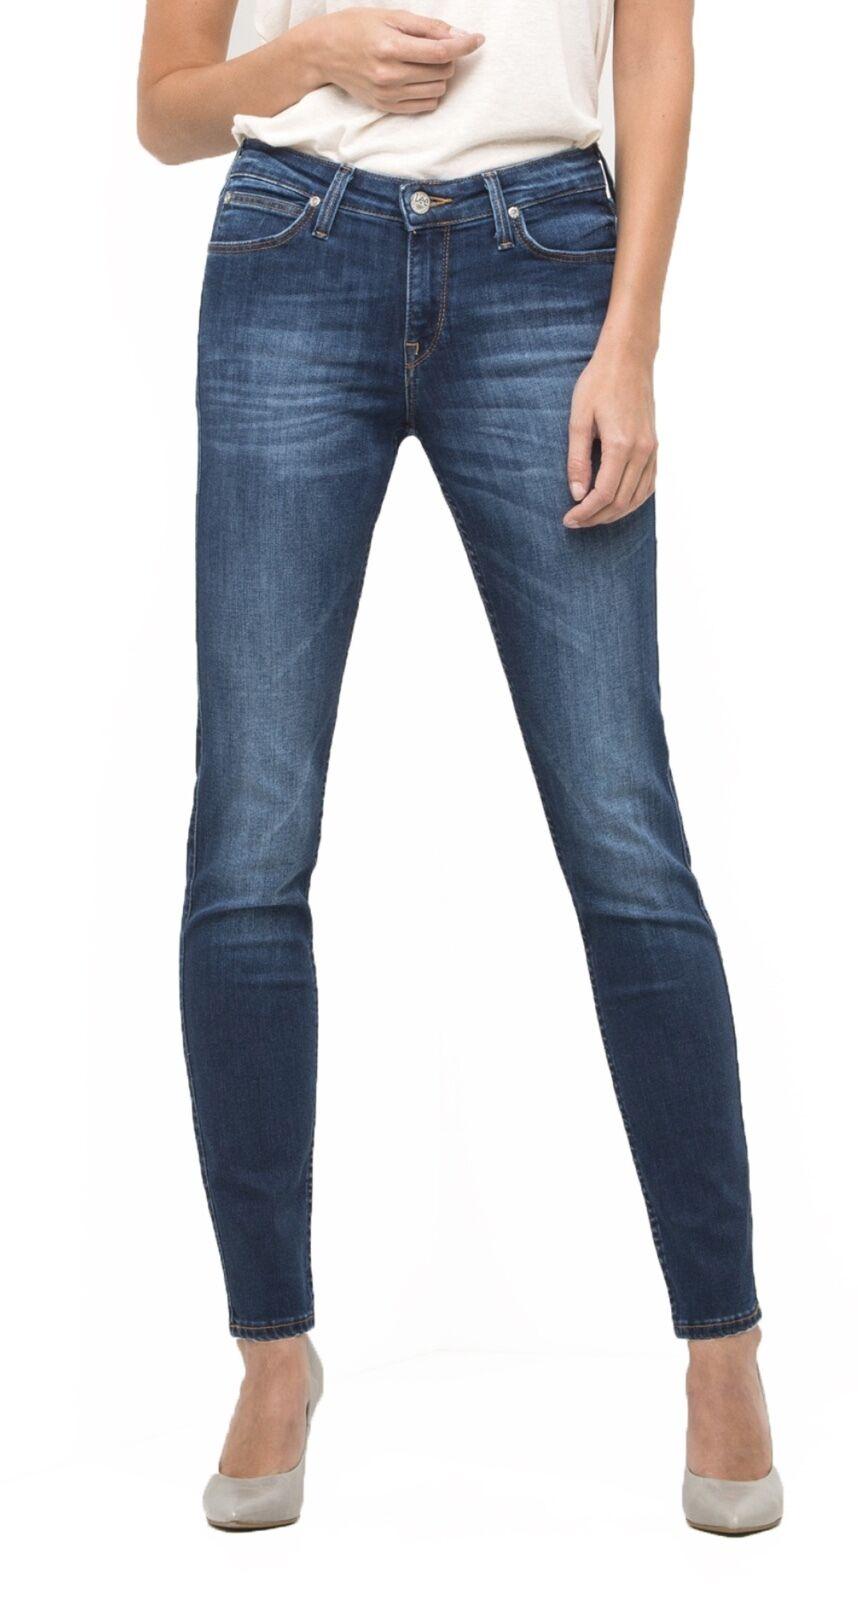 Lee Scarlett Damen Jeans Stretch Neu Damen Enganliegend Bein Nachthimmel